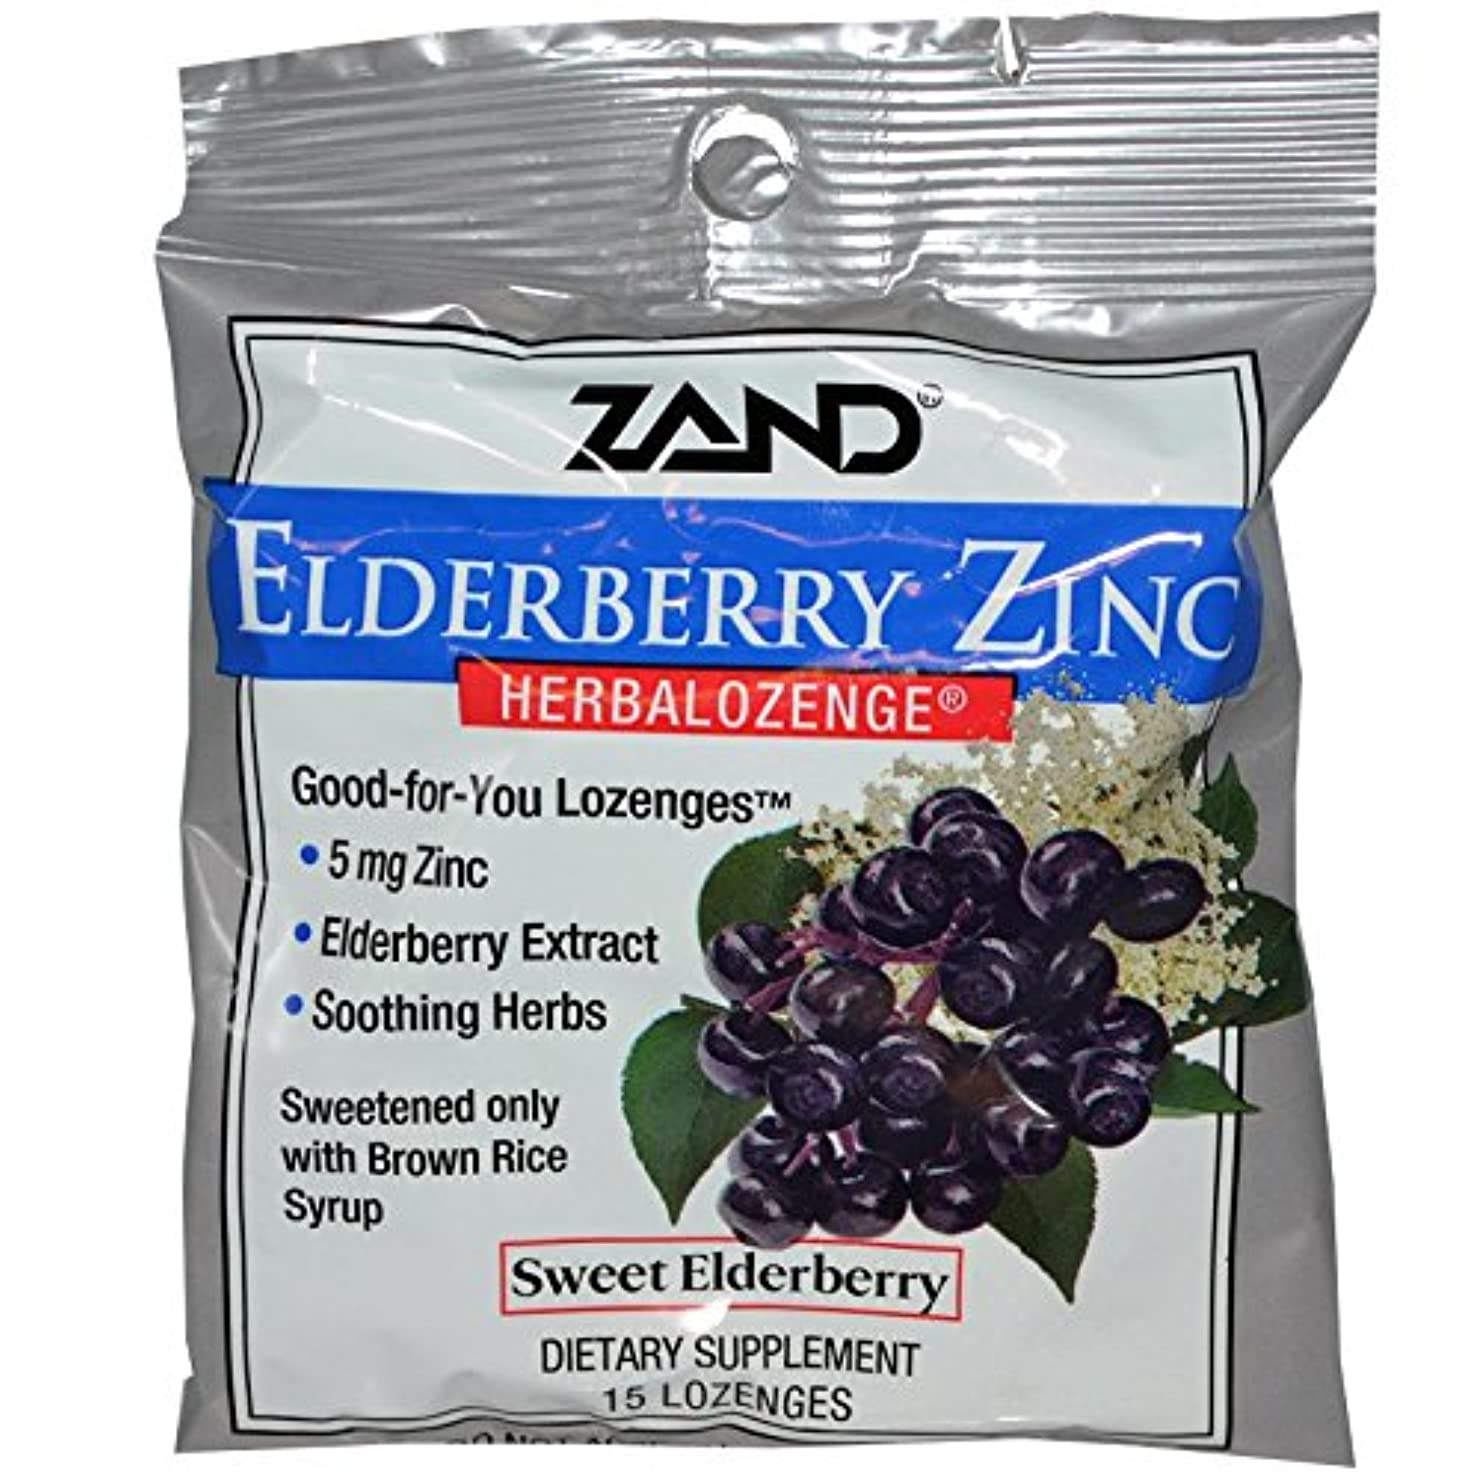 その結果沿って証書Zand, Elderberry Zinc、Herbalozenge、エルダーベリー、キャンディートローチ【2個組】 [並行輸入品]